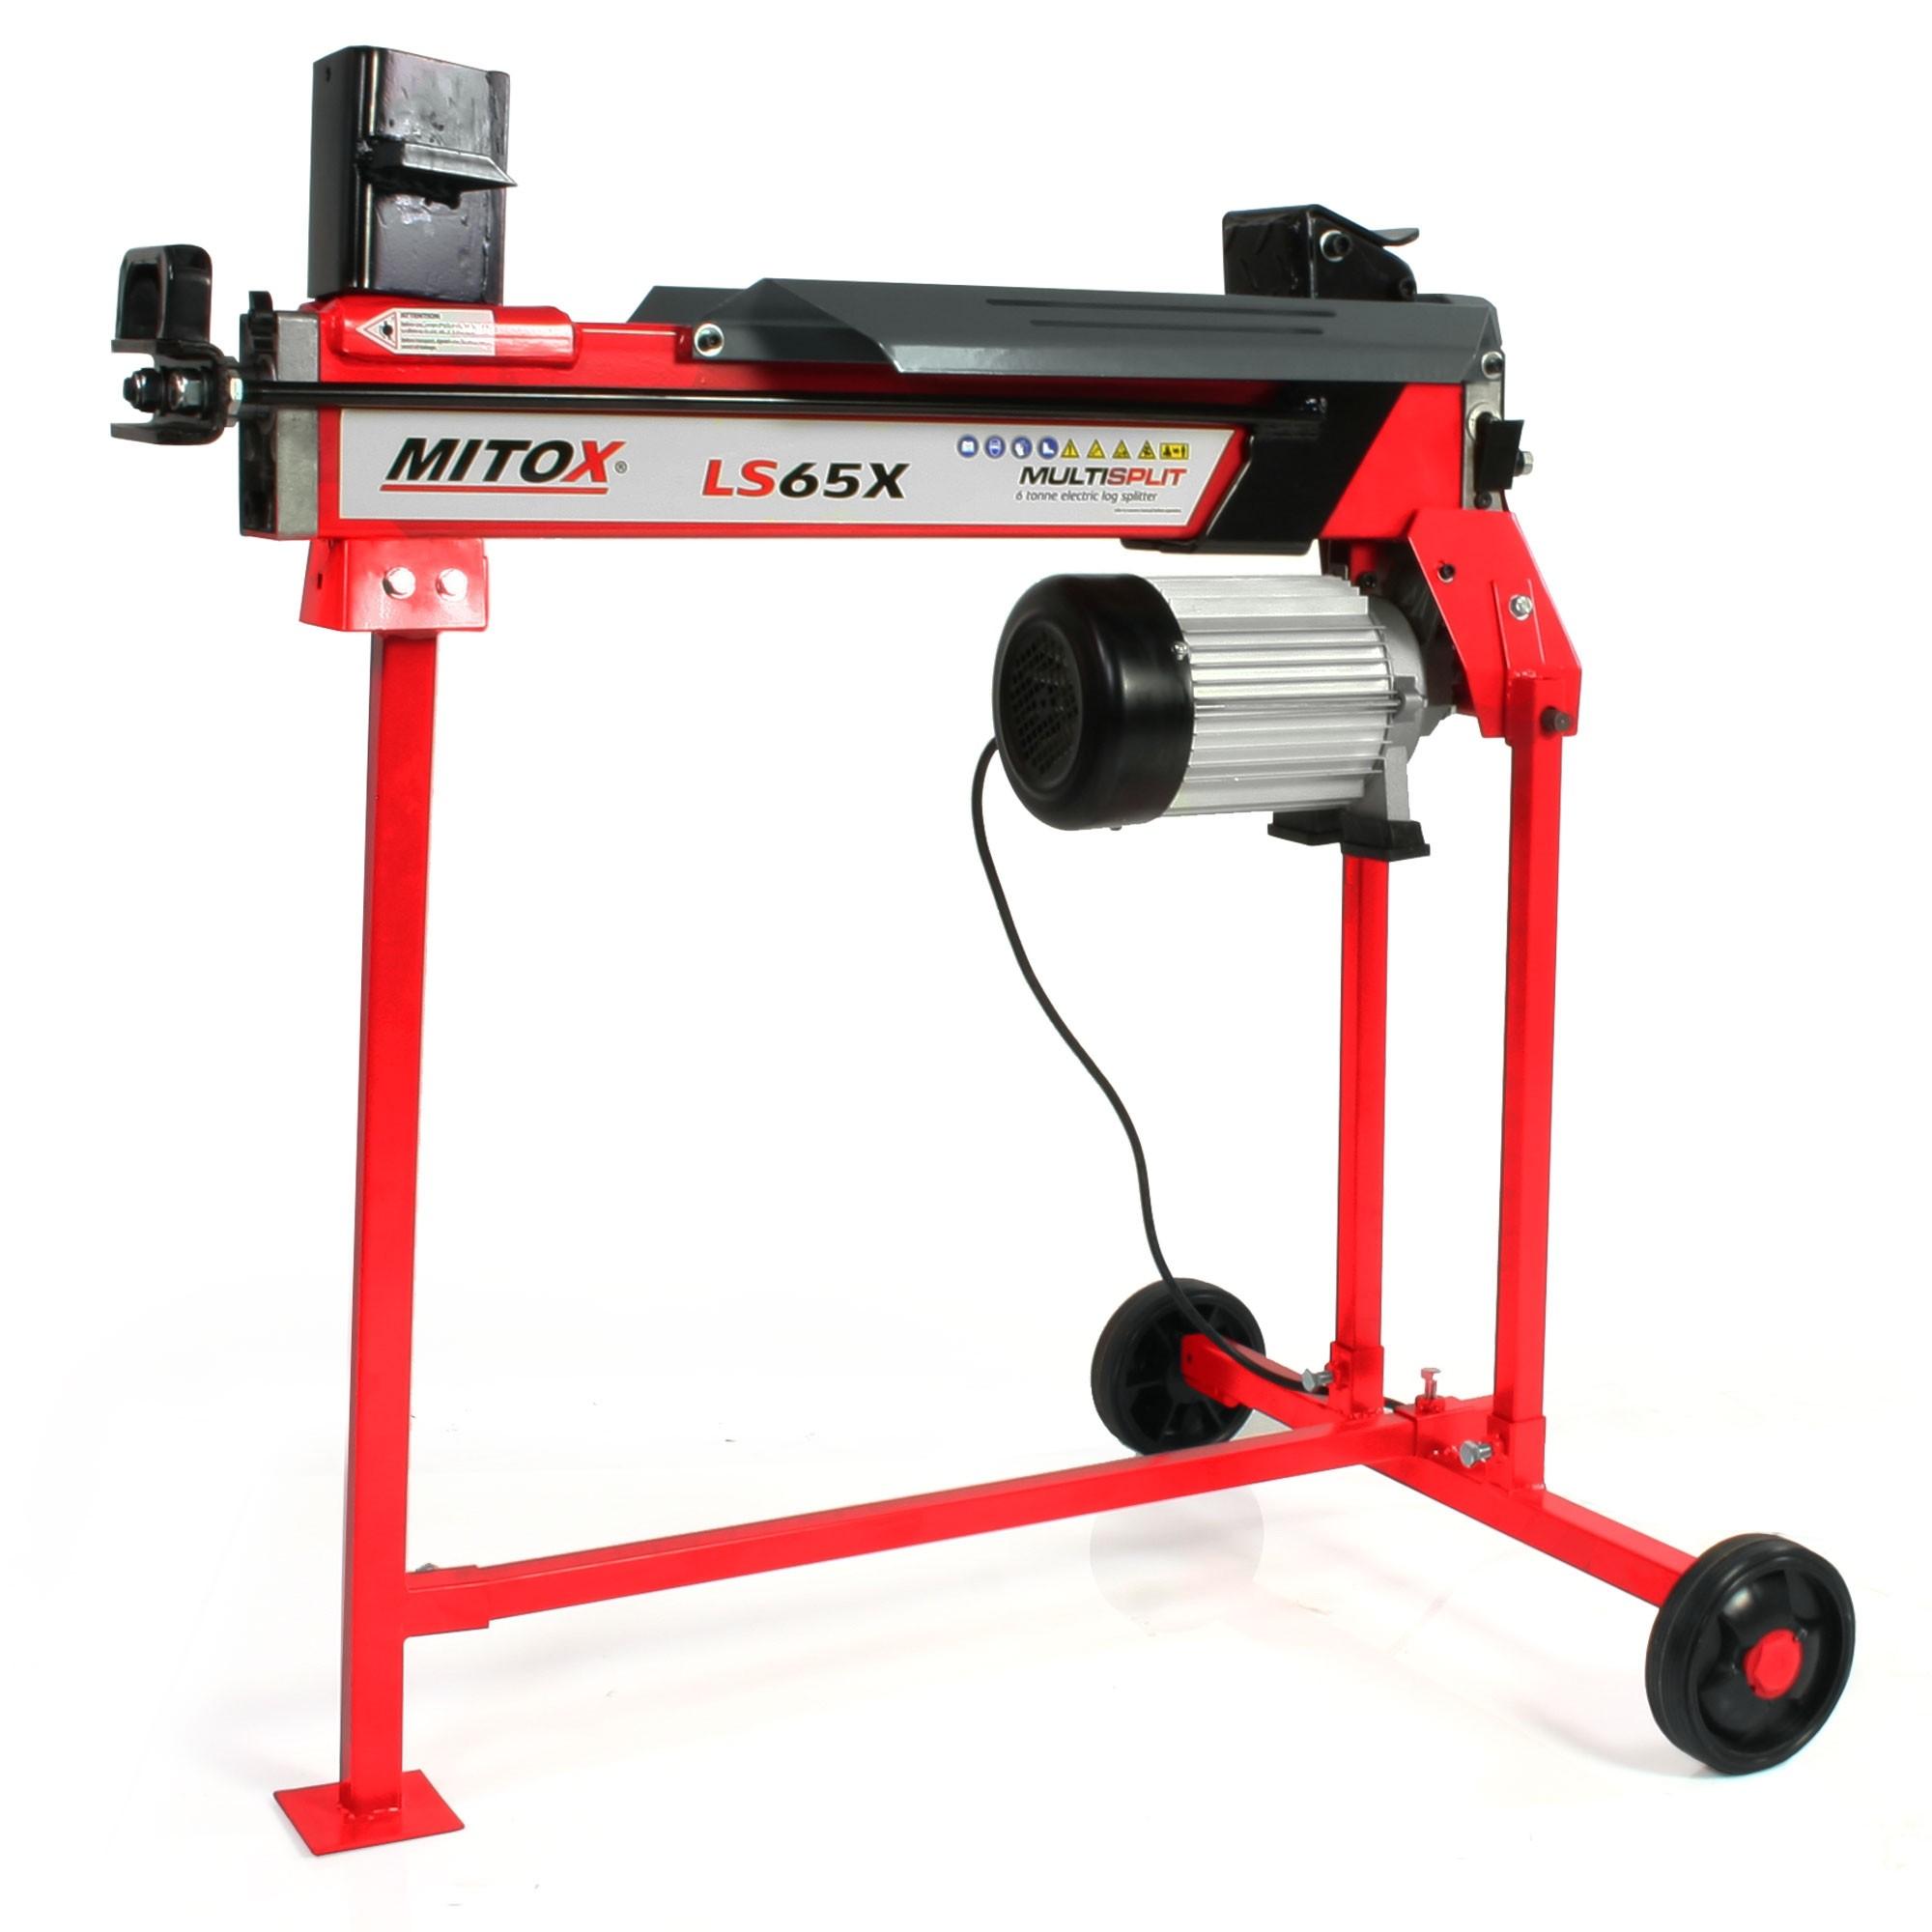 Mitox LS65X Log splitter electric